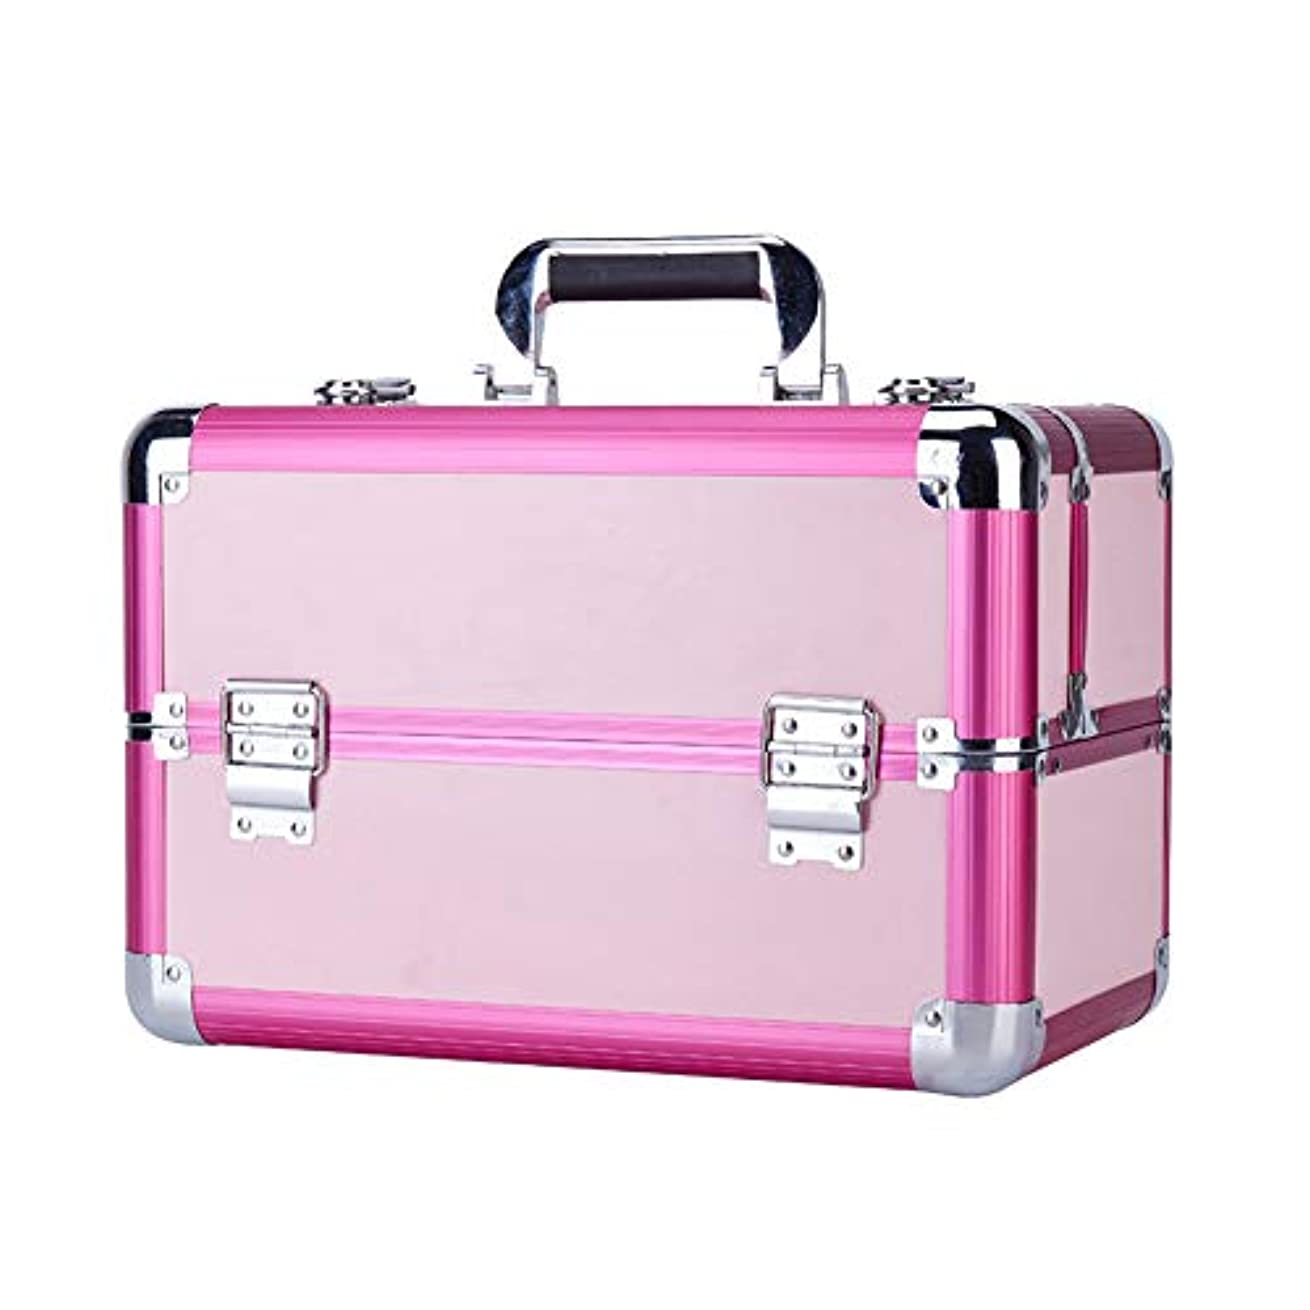 カール備品ベッド特大スペース収納ビューティーボックス 美の構造のためそしてジッパーおよび折る皿が付いている女の子の女性旅行そして毎日の貯蔵のための高容量の携帯用化粧品袋 化粧品化粧台 (色 : ピンク)